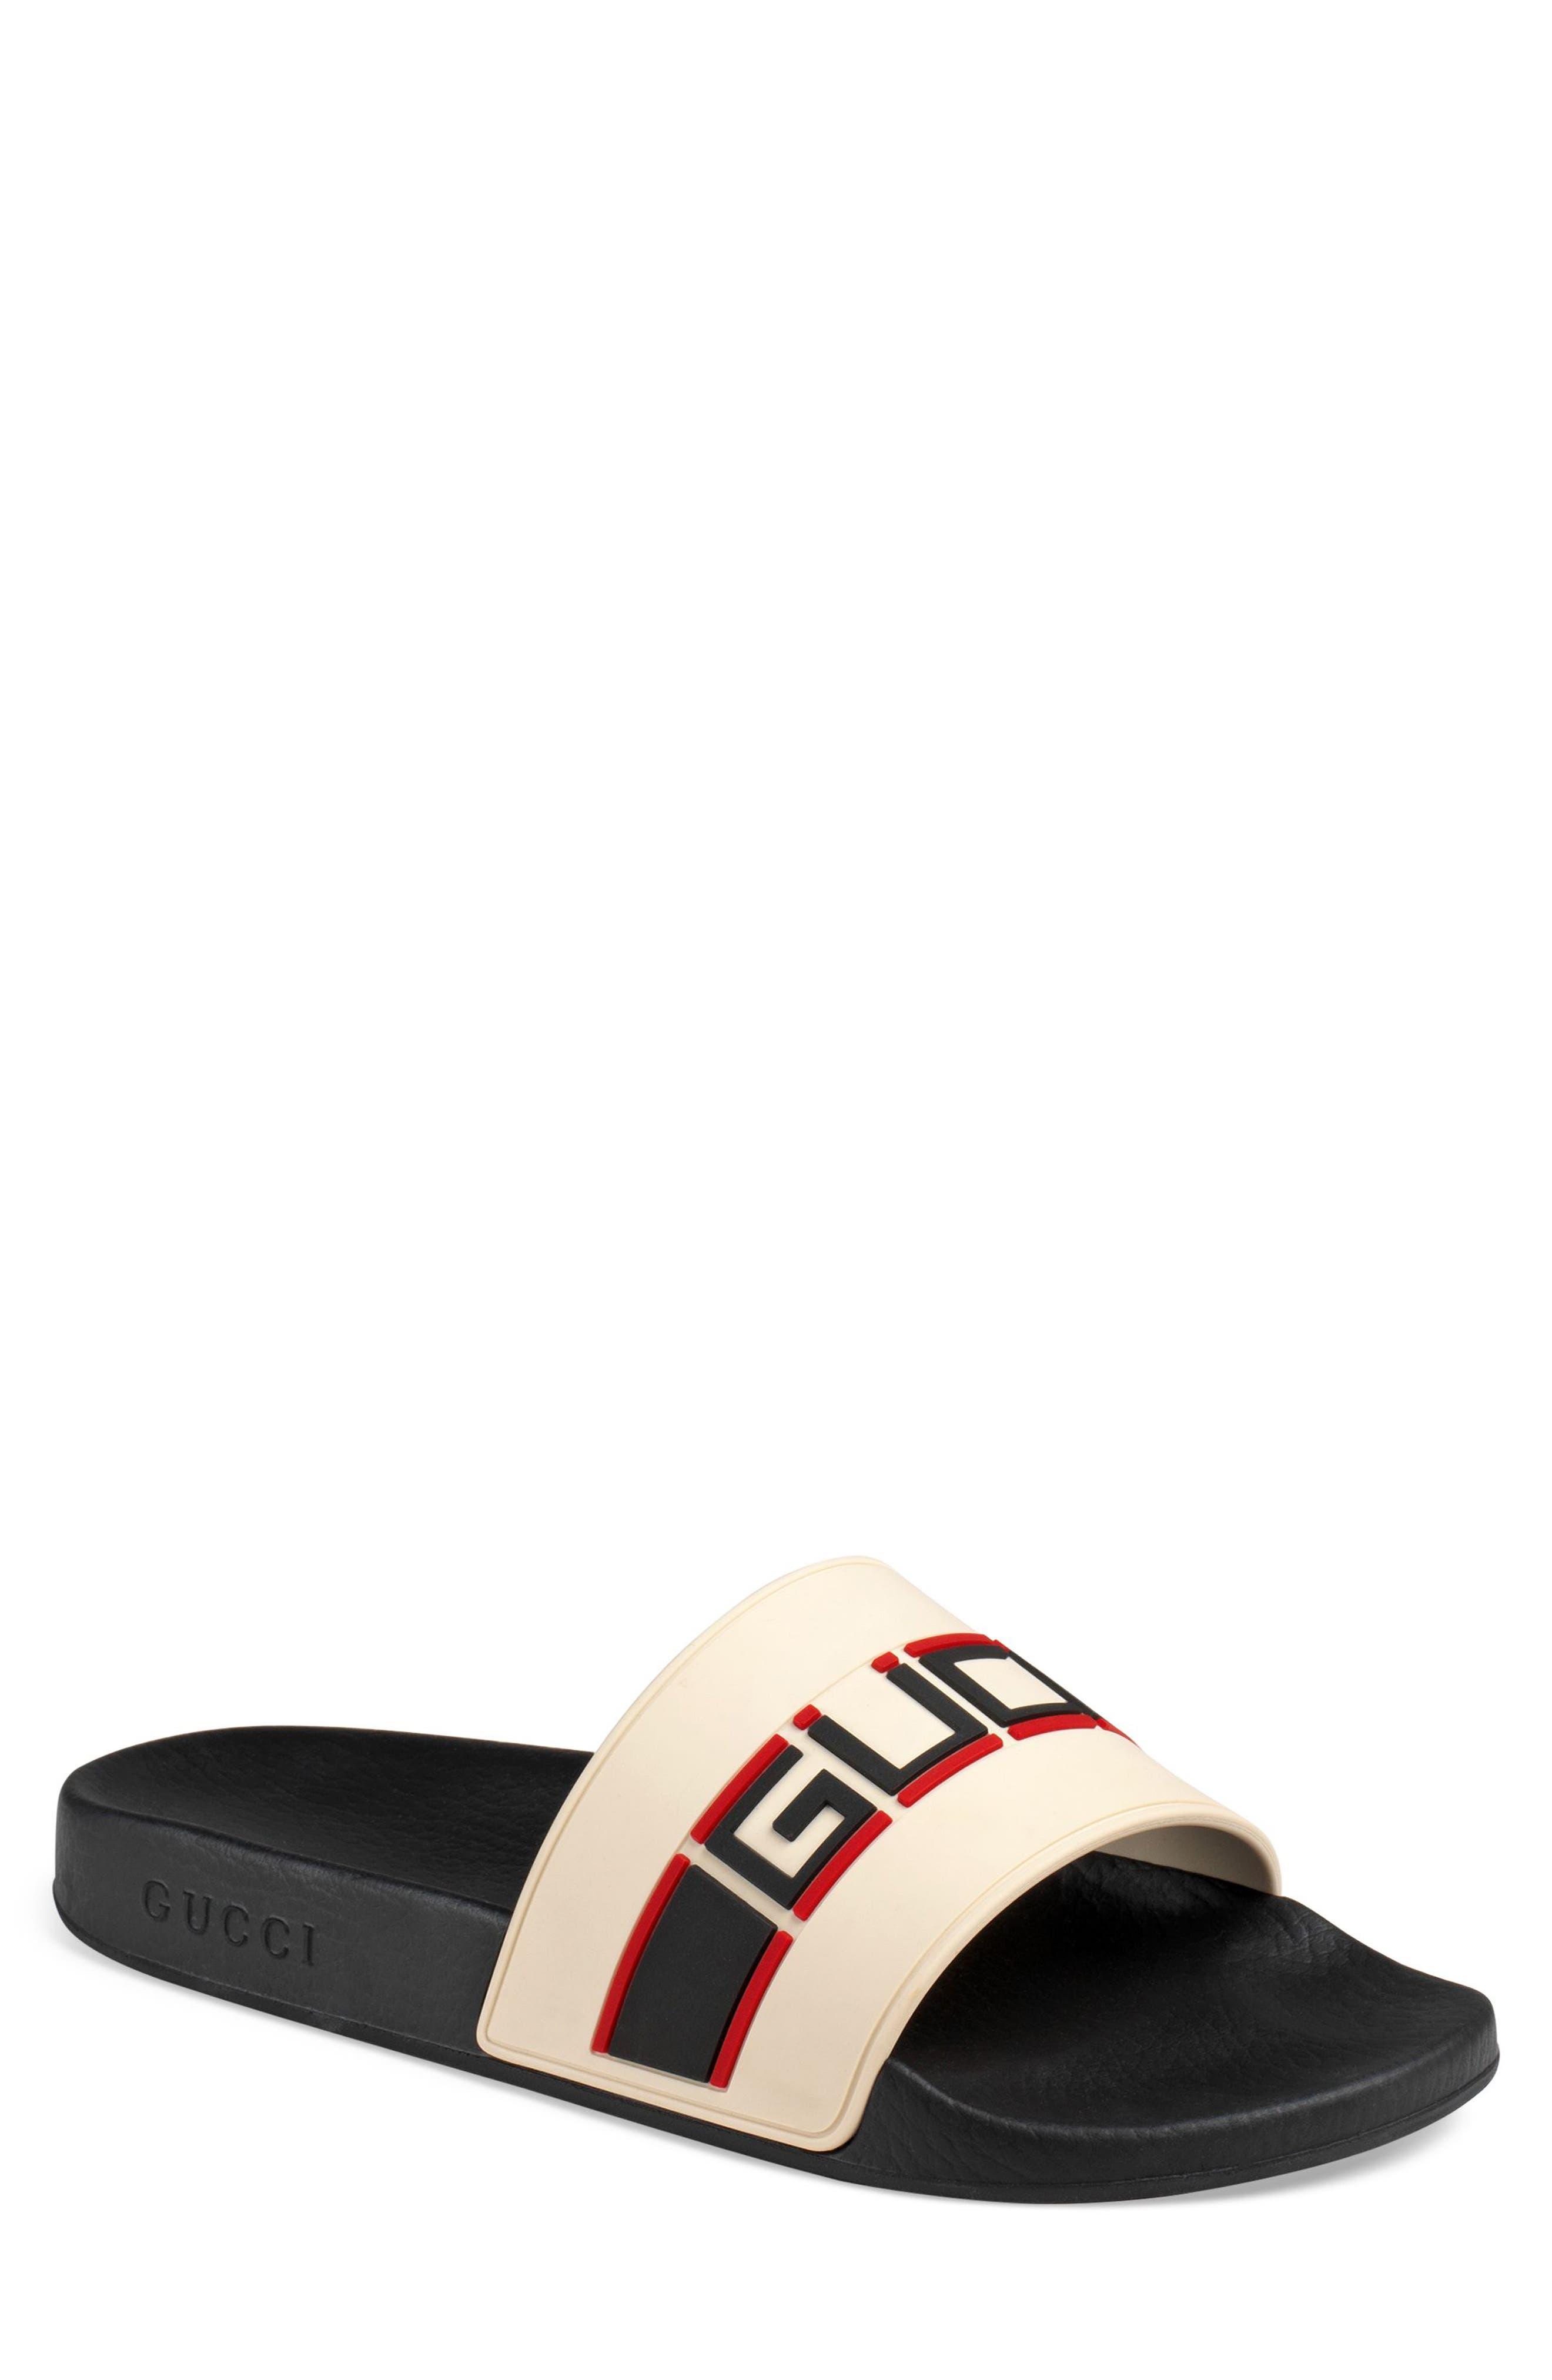 Pursuit Stripe Slide Sandal,                             Main thumbnail 1, color,                             197